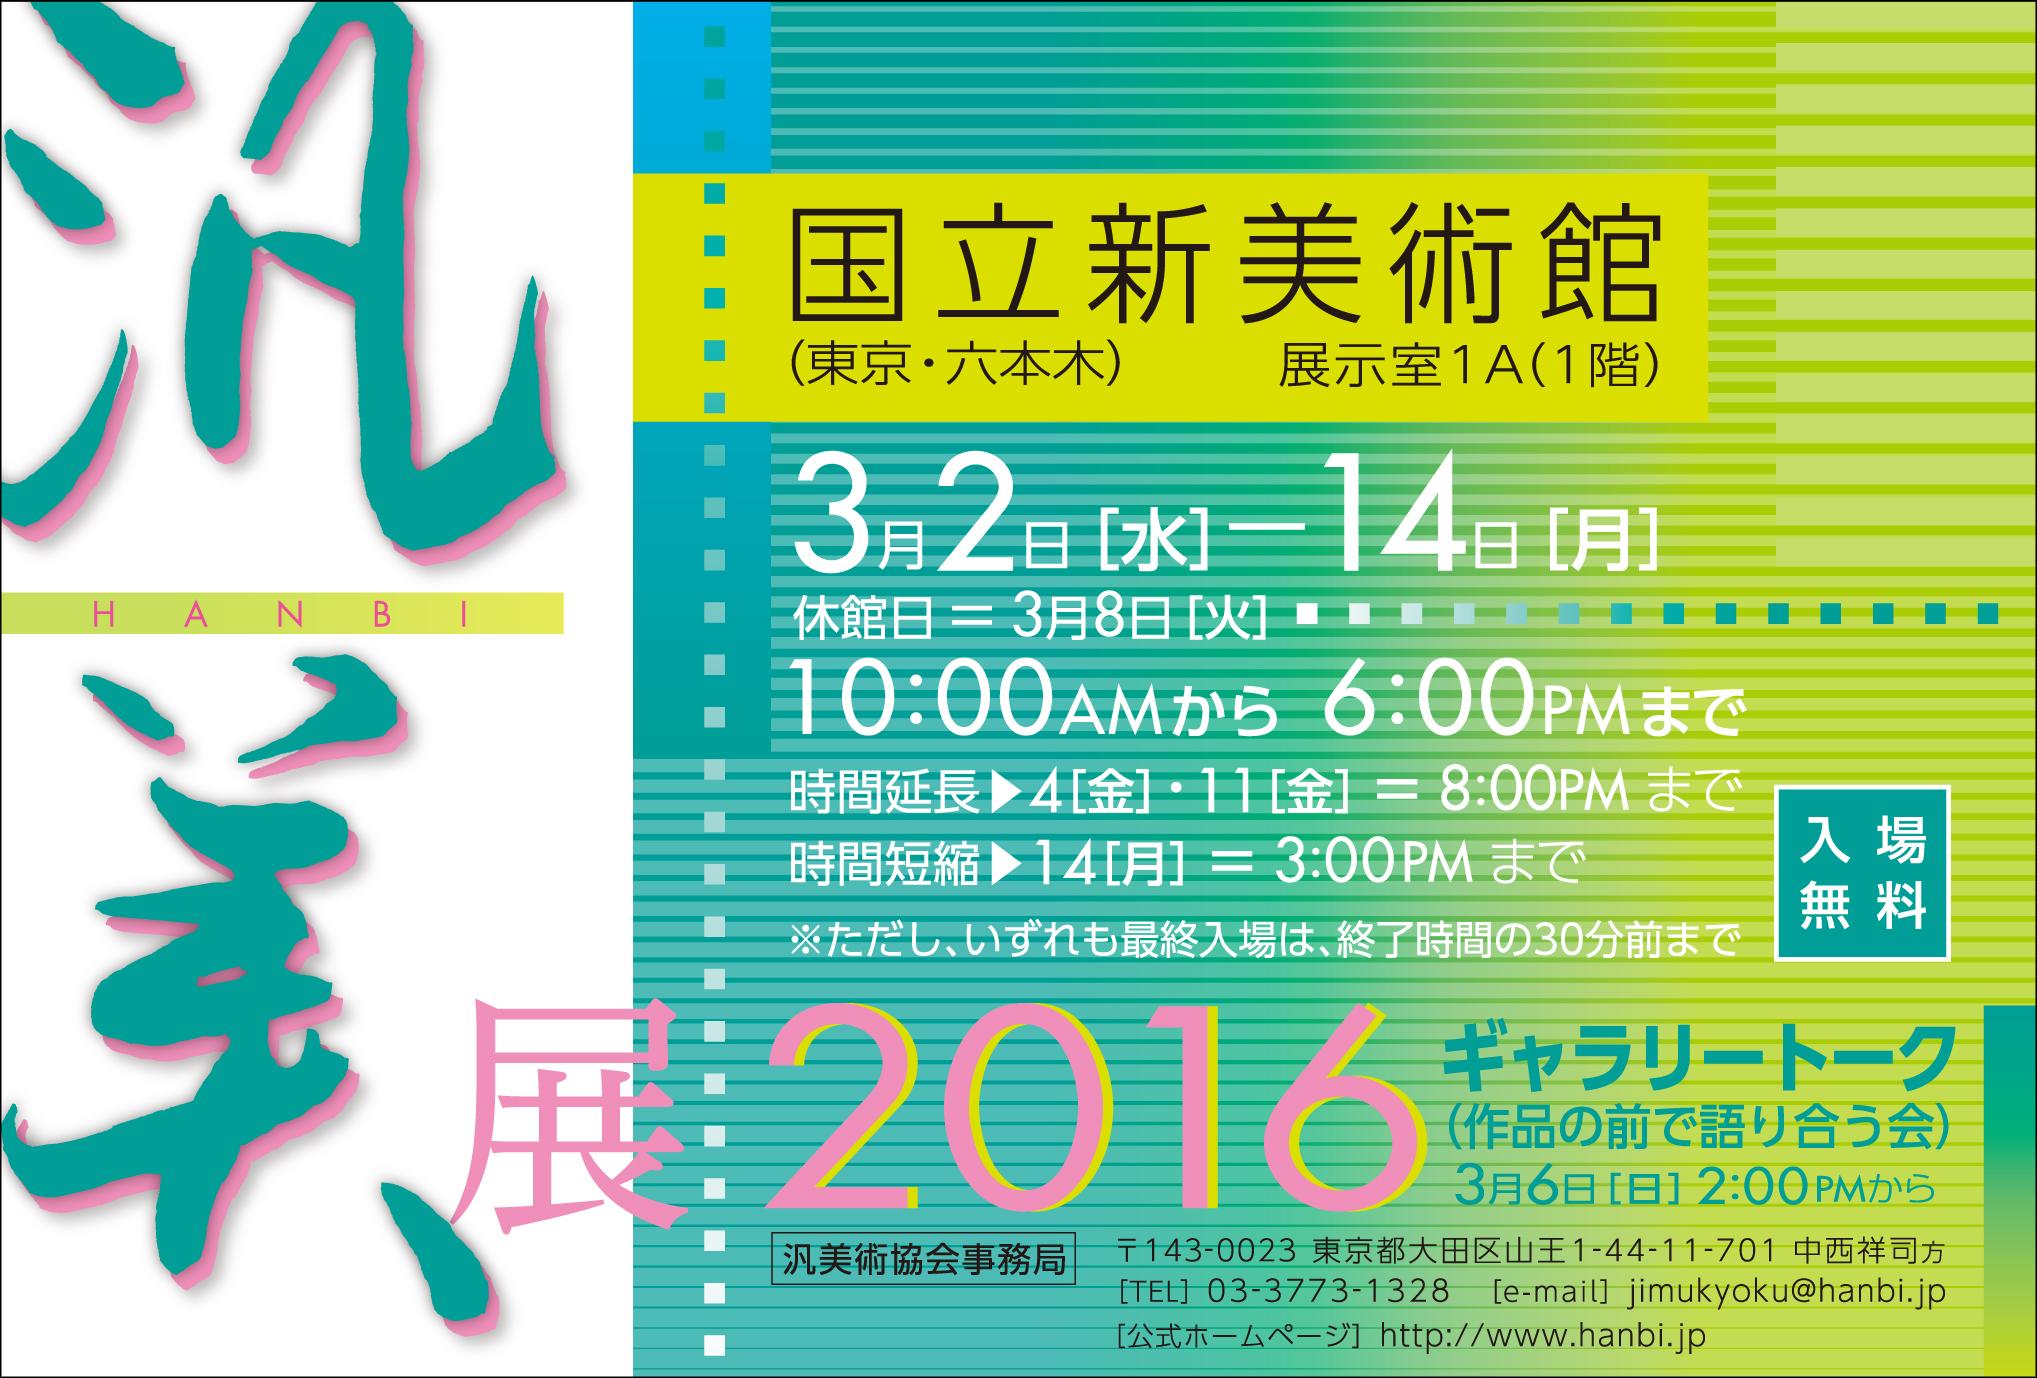 「汎美展2016」を開催